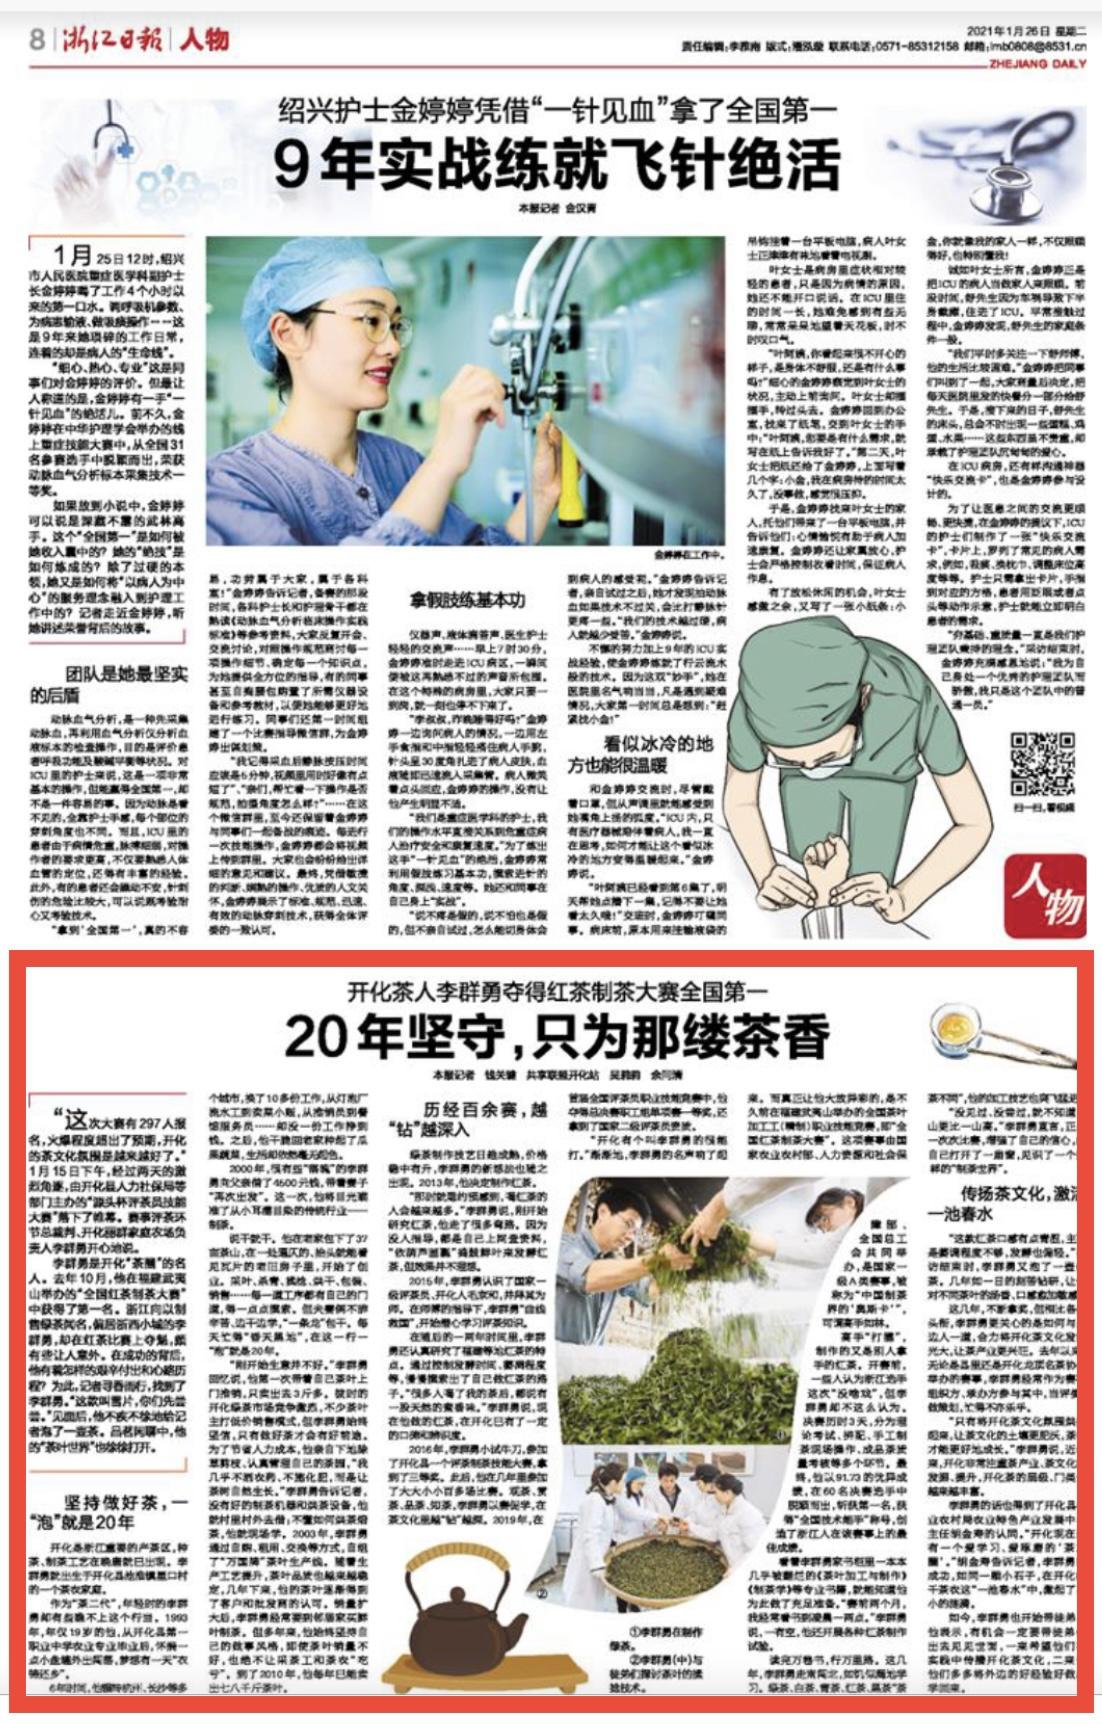 浙江日报   开化茶人李群勇夺得红茶制茶大赛全国第一  20年坚守,只为那缕茶香